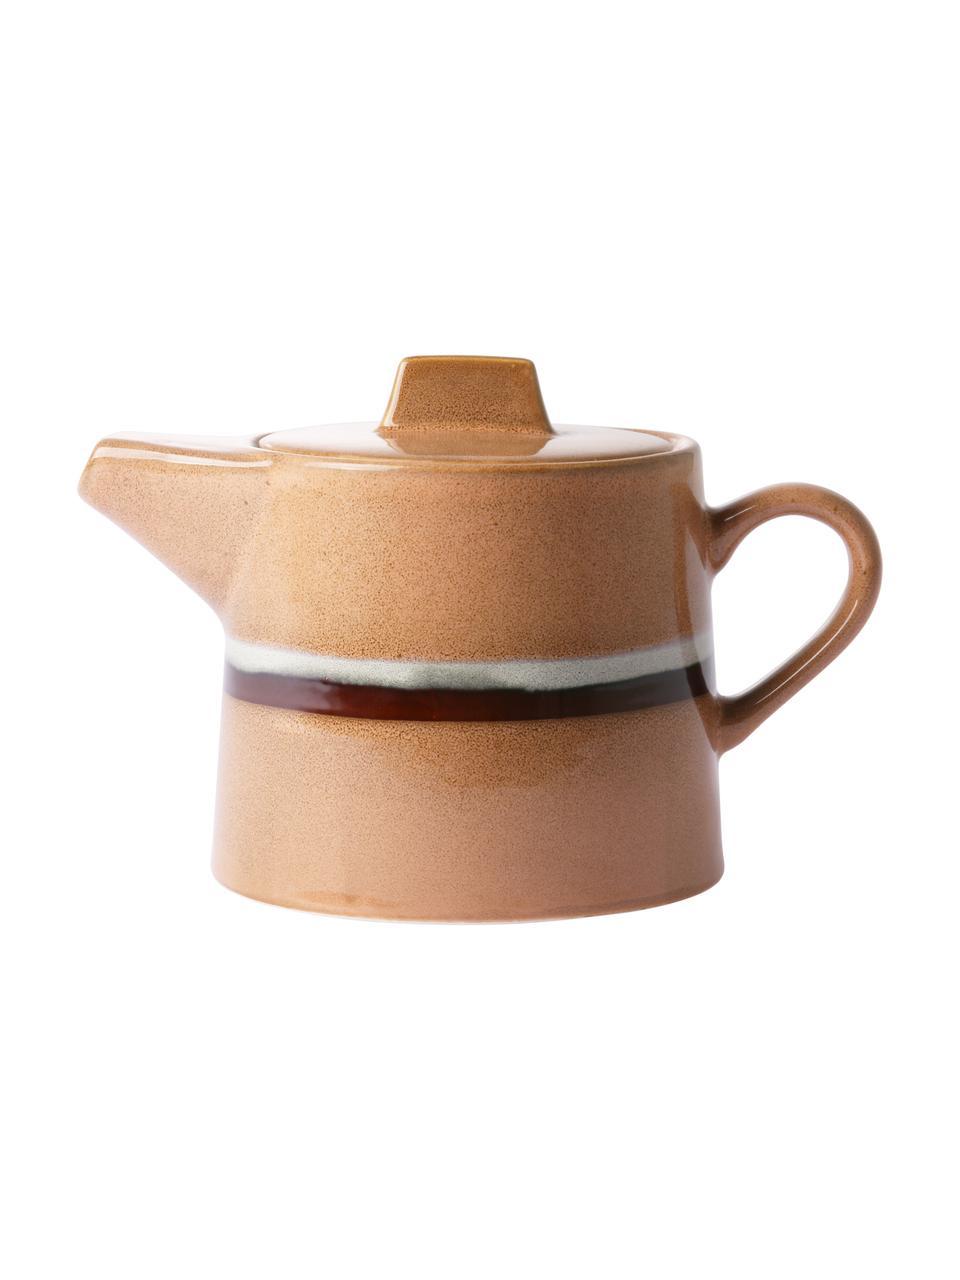 Handgemachte Teekanne 70's im Retro Style, 1,2 L, Steingut, Pfirsichfarben, Grau, Schwarz, 1,2 L